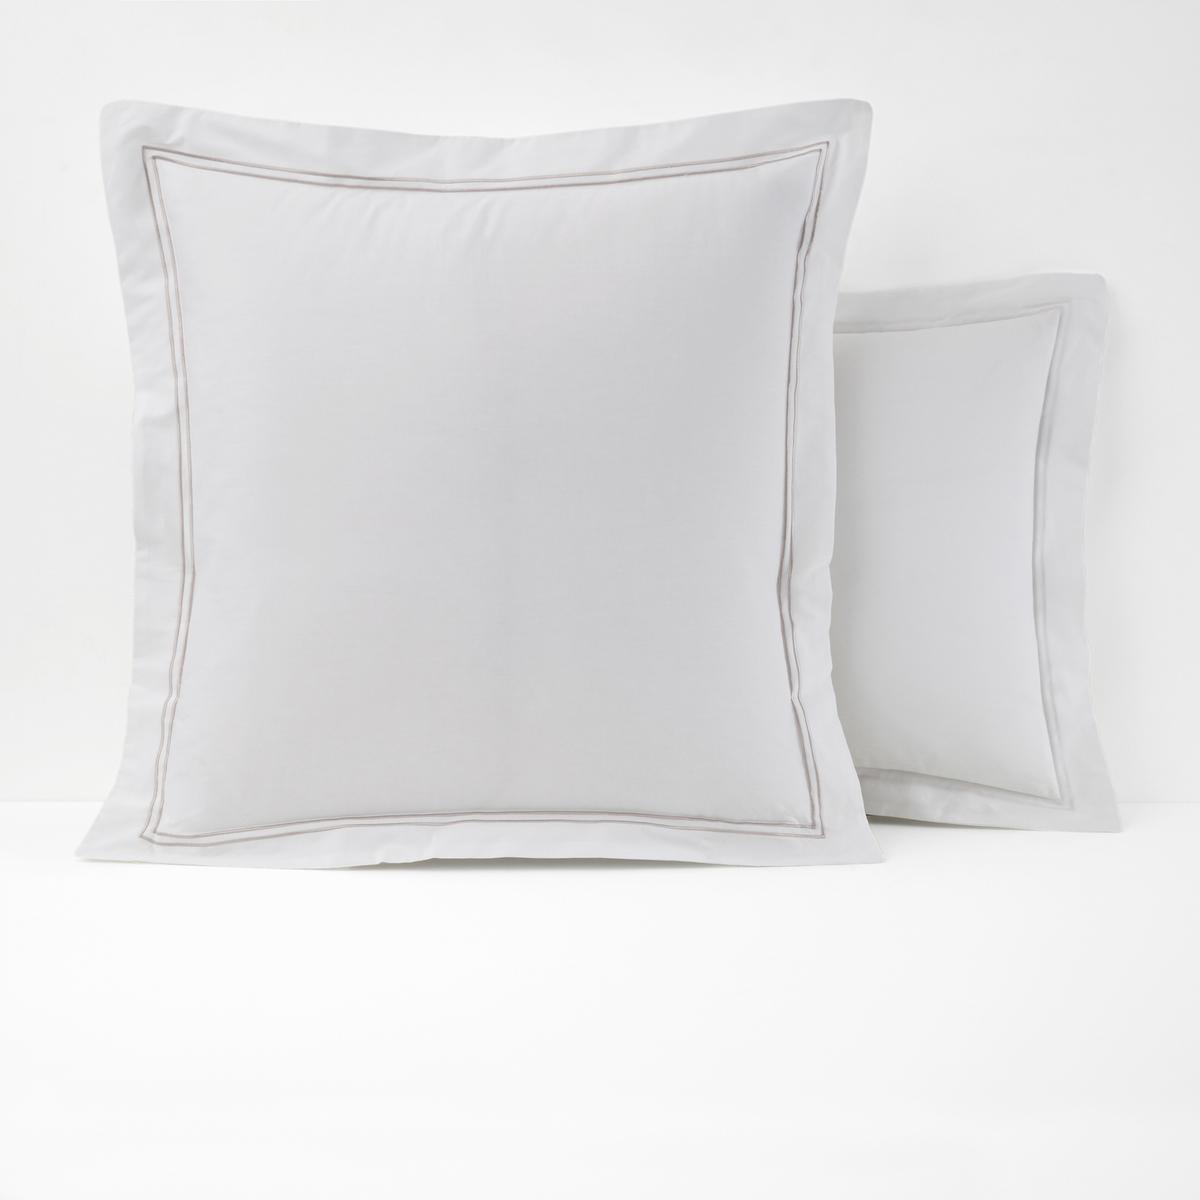 Наволочка из хлопковой перкали, PalacePalace :Постельное белье, сочетающее простоту и шик двойного контрастного канта светло-серого цвета на однотонном белом или сером фоне  .Характеристики наволочек Palace  :- Перкаль, 100% хлопка - настоящий люкс для вашей спальни. Роскошная ткань с очень плотным переплетением нитей (80 нитей/см?), сотканная из длинных хлопковых волокон . Чем плотнее переплетение нитей/см?, тем выше качество материала.- Наволочка на подушку (квадратную или прямоугольную) имеет волан и двойную окантовку . На подушку-валик: двойной кант по краям  .- Машинная стирка при 60°, легко гладить..Знак Oeko-Tex® гарантирует отсутствие вредных для здоровья человека веществ в протестированных и сертифицированных изделиях.Размеры :50 x 70 см : Прямоугольная наволочка 63 x 63 см : Квадратная наволочкаНайдите комплект постельного белья Palace<br><br>Цвет: белый,серый/розовая пудра,темно-серый,темно-синий/серый<br>Размер: 63 x 63  см.50 x 70  см.63 x 63  см.50 x 70  см